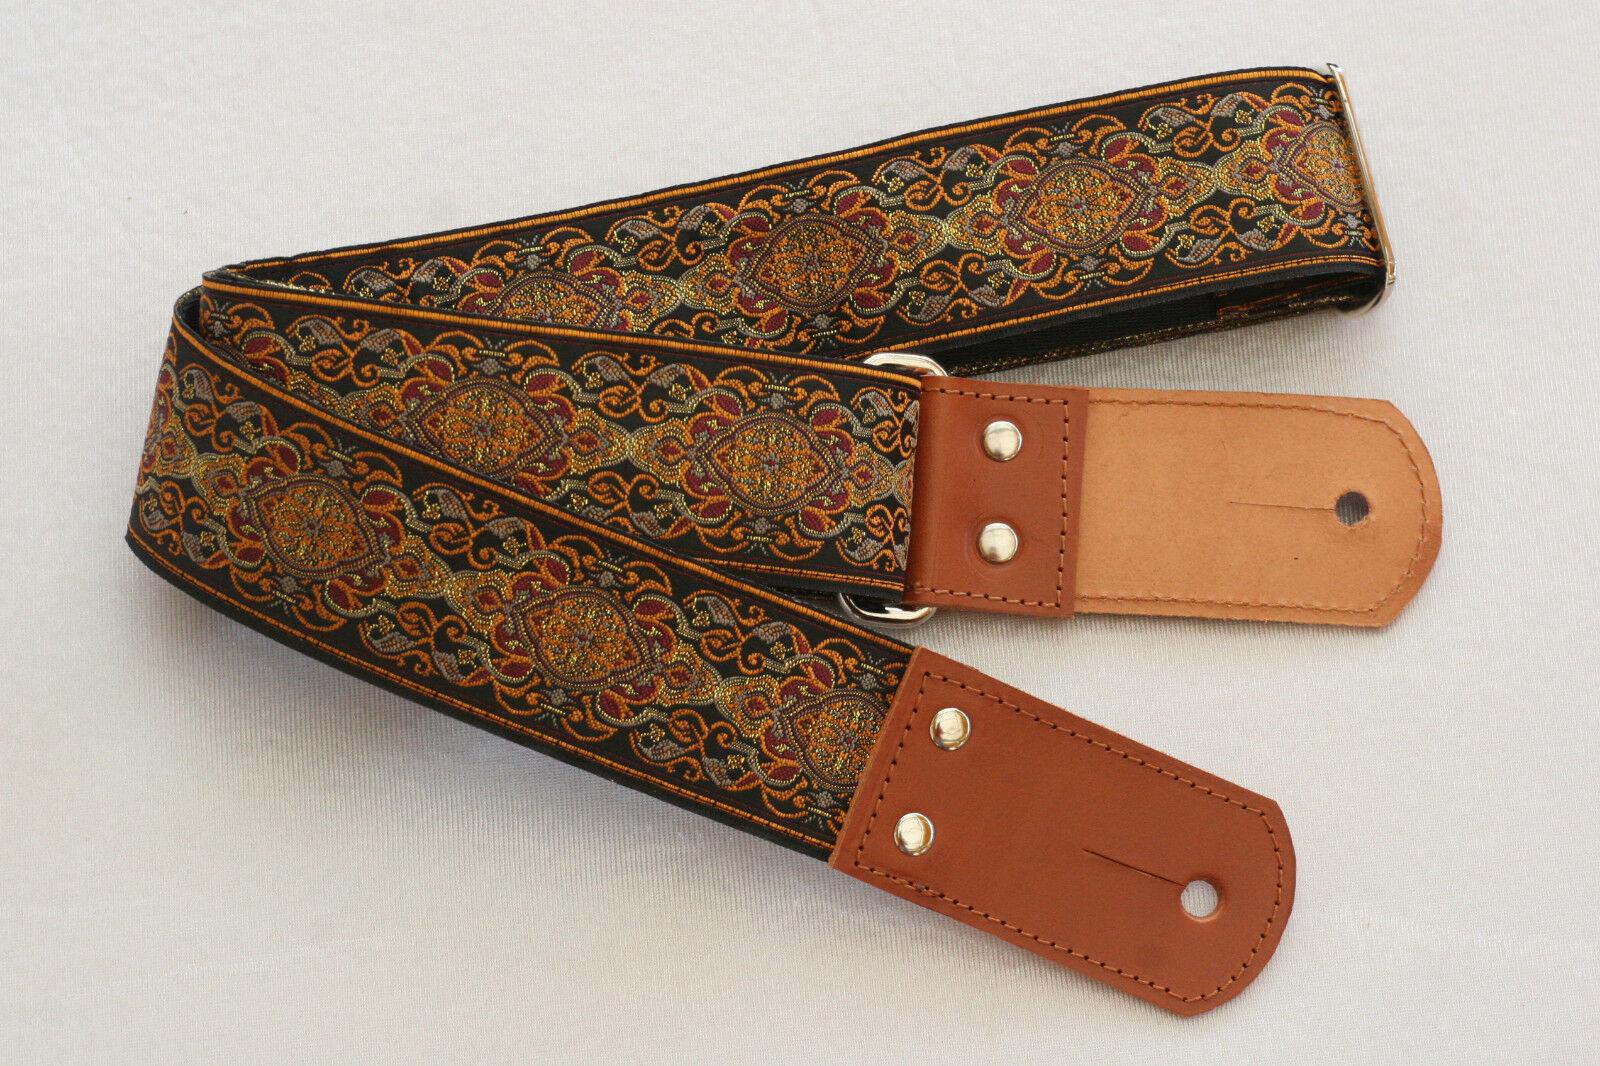 Cinturón guitarras guitarras guitarras pardo Guitar Royal Lacy Strap cuero hecho a mano hippie b070de  producto de calidad